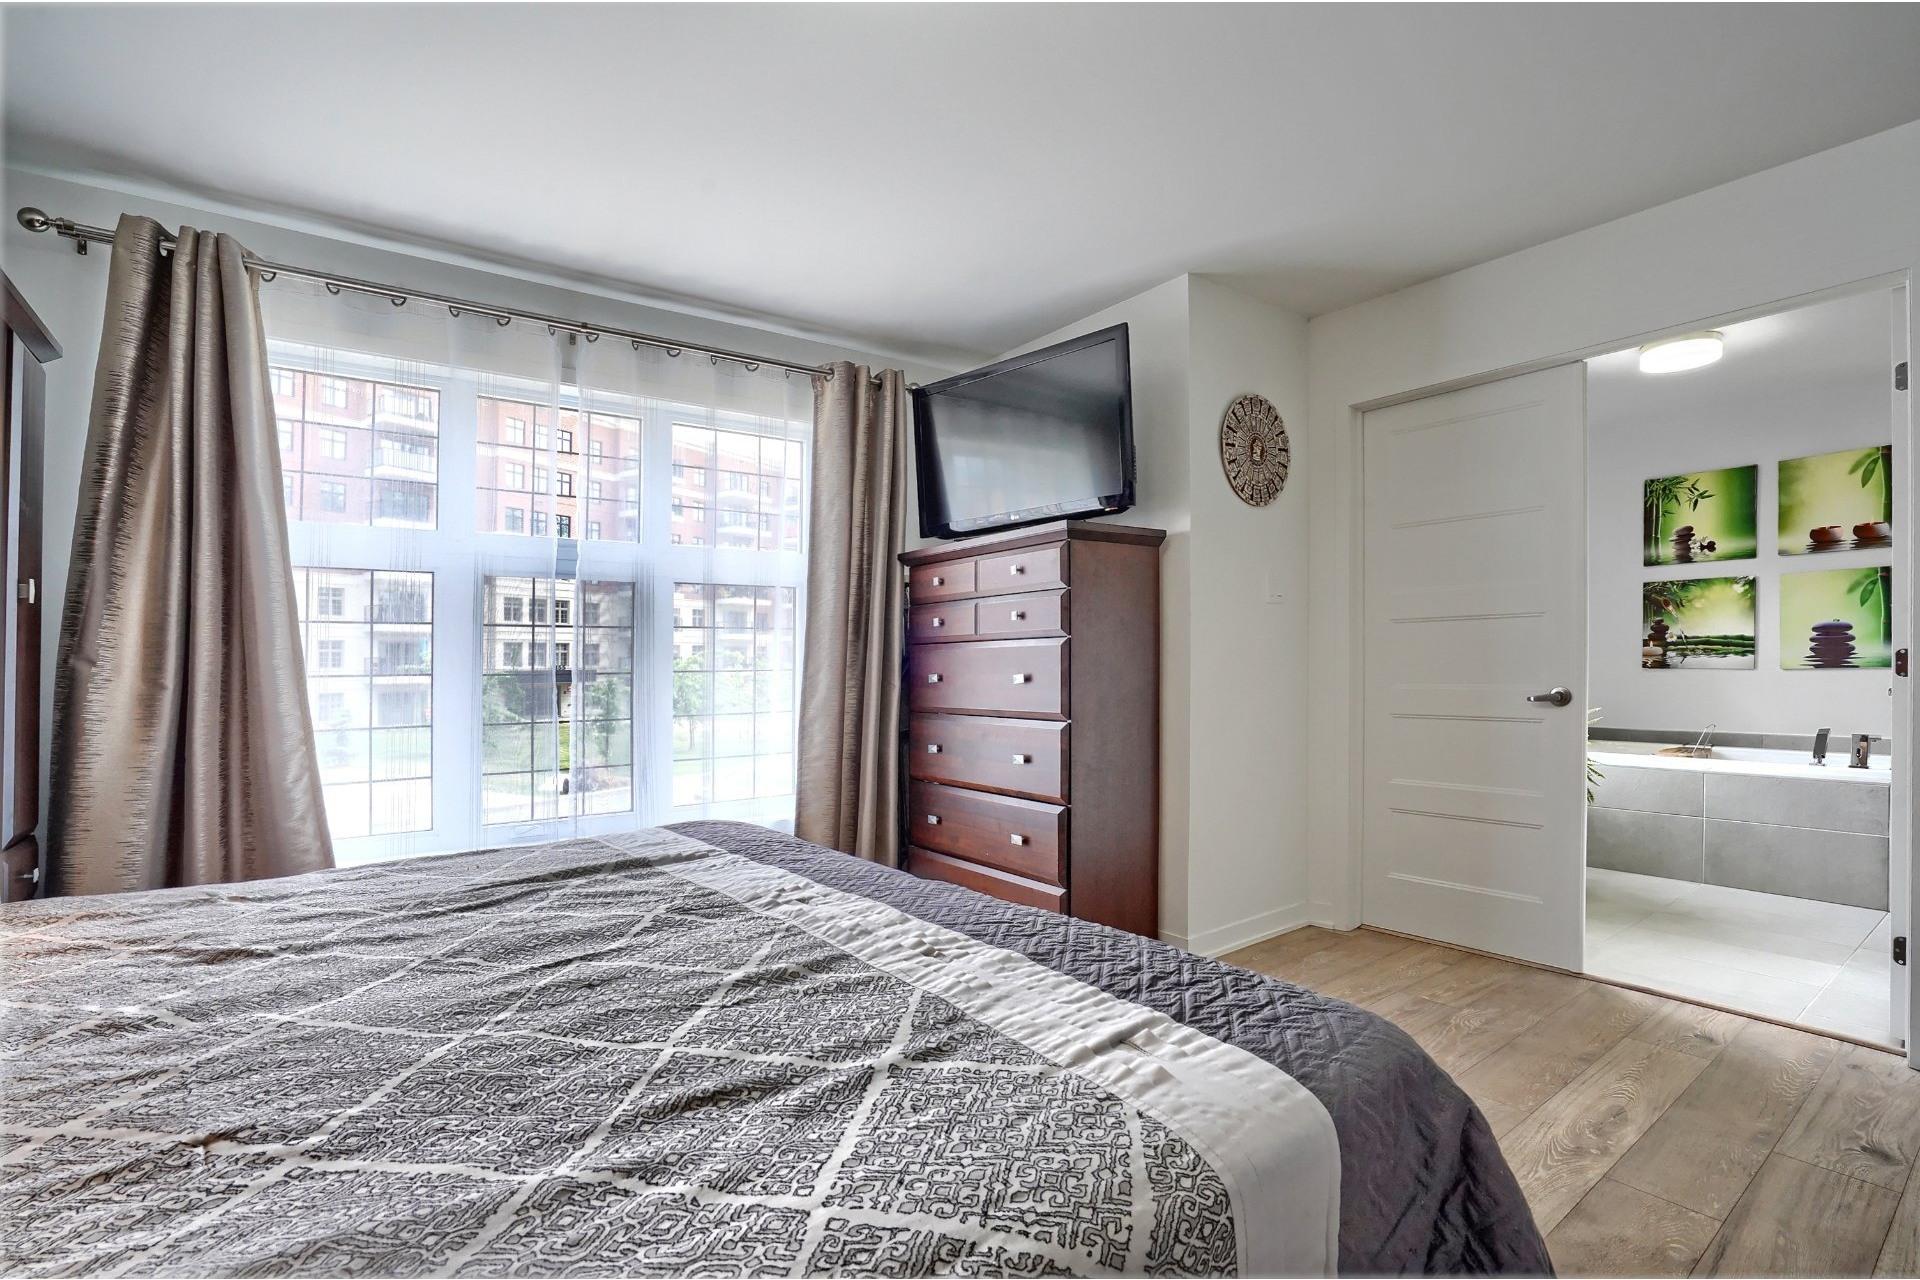 image 6 - Appartement À vendre Brossard - 7 pièces